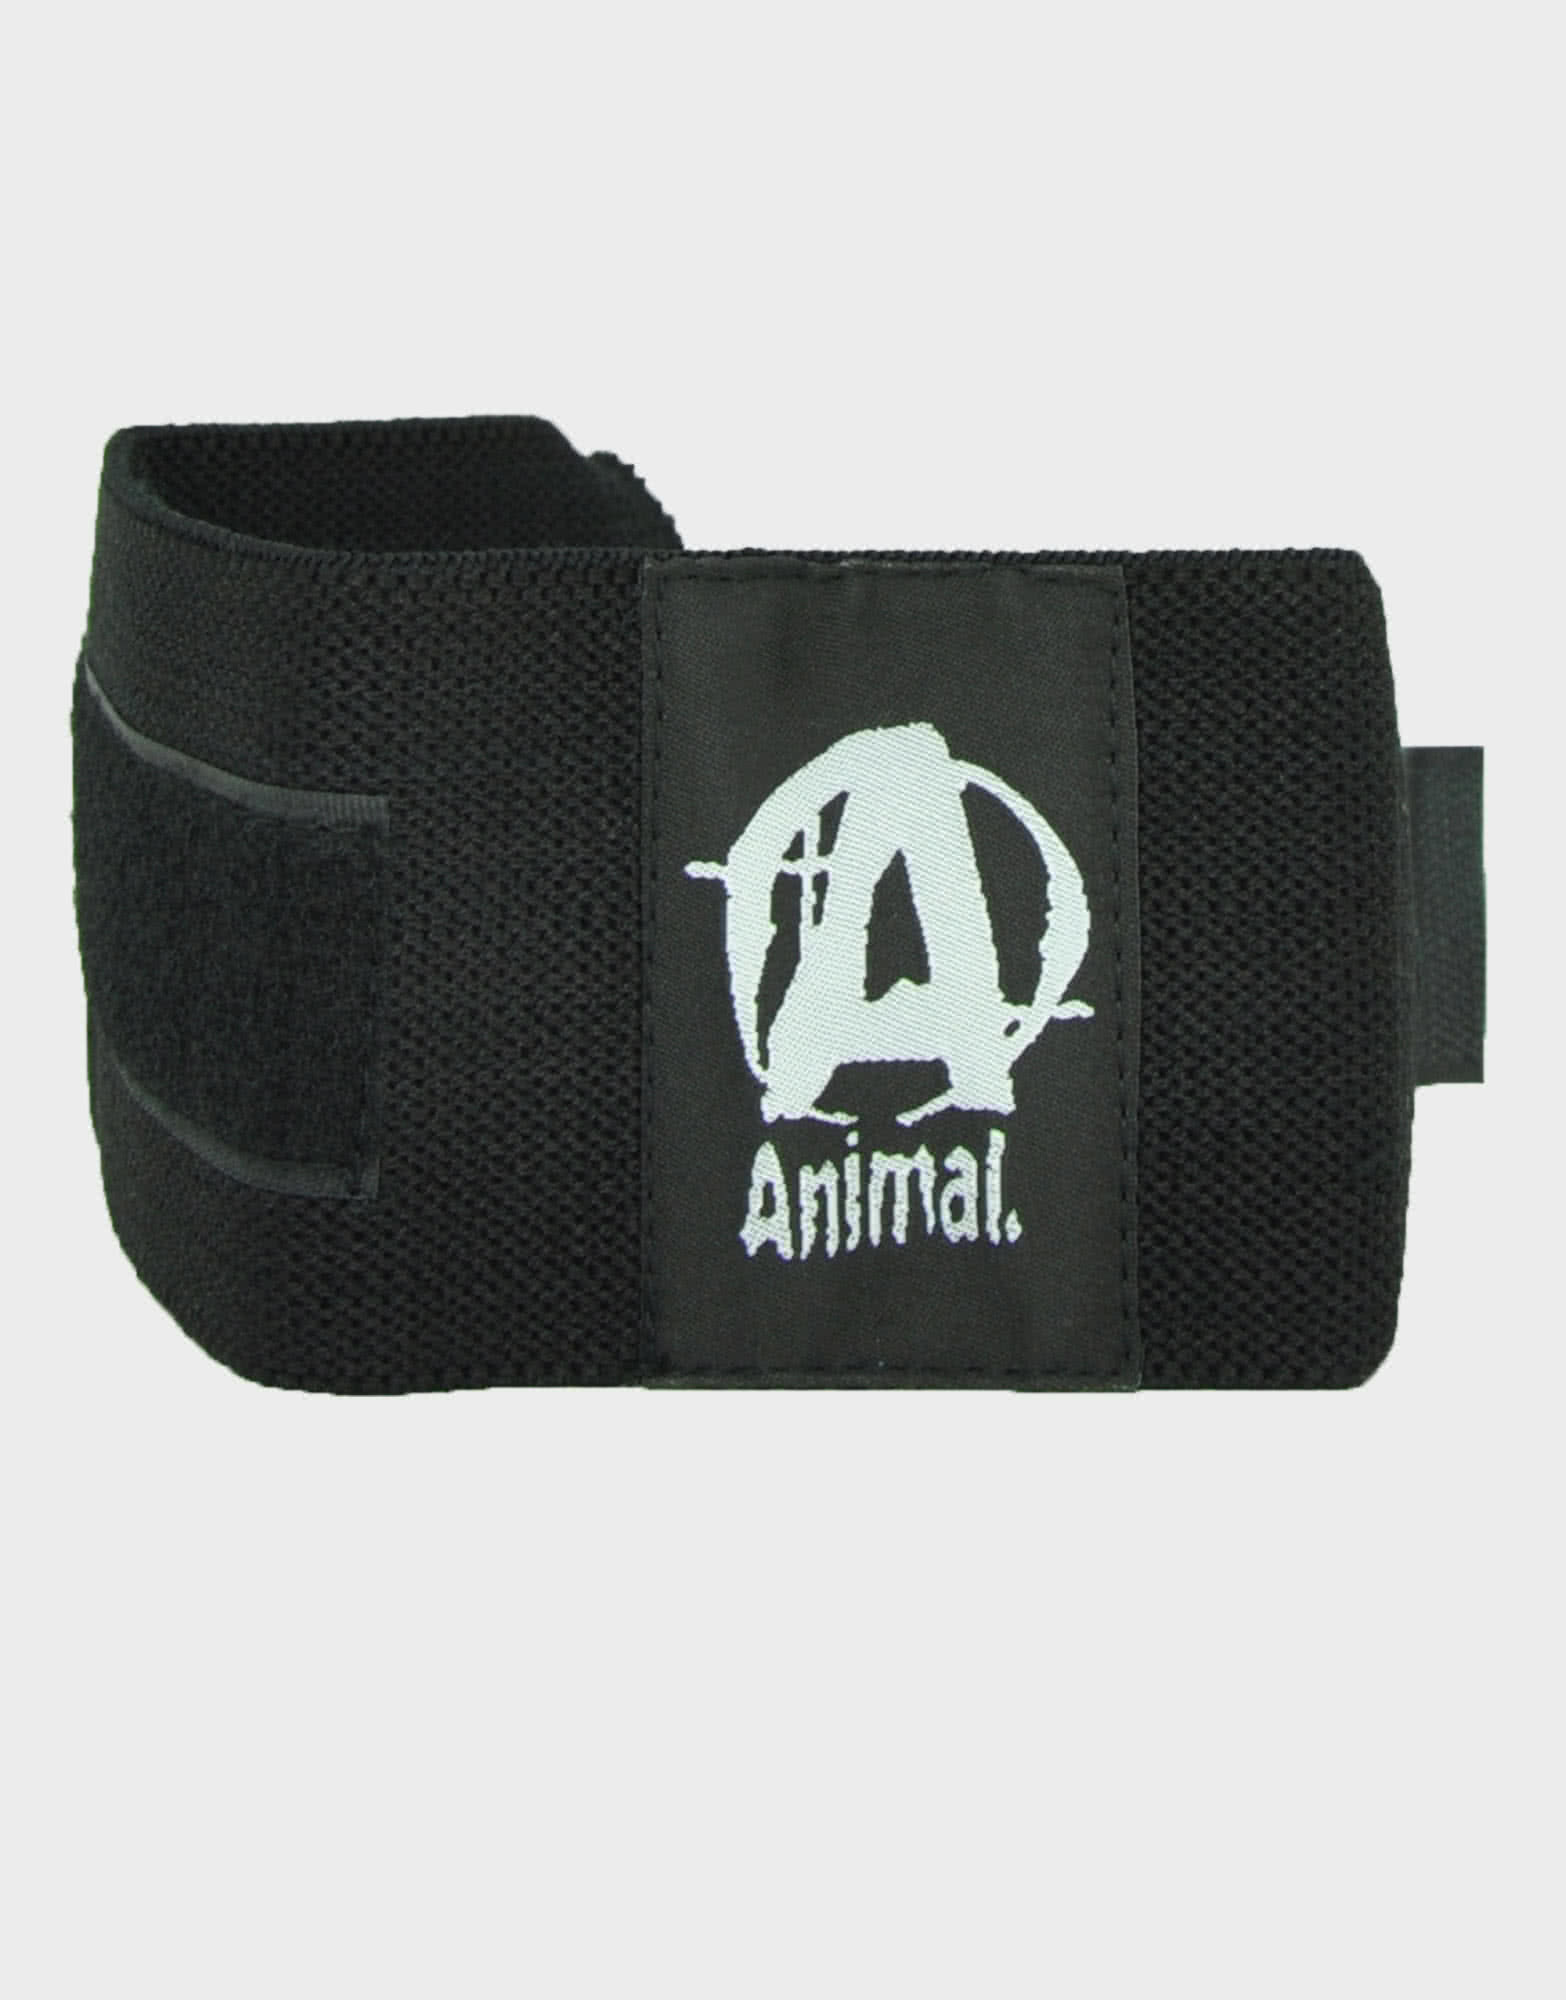 Animal Pak Wrist Wraps - Animal Line par